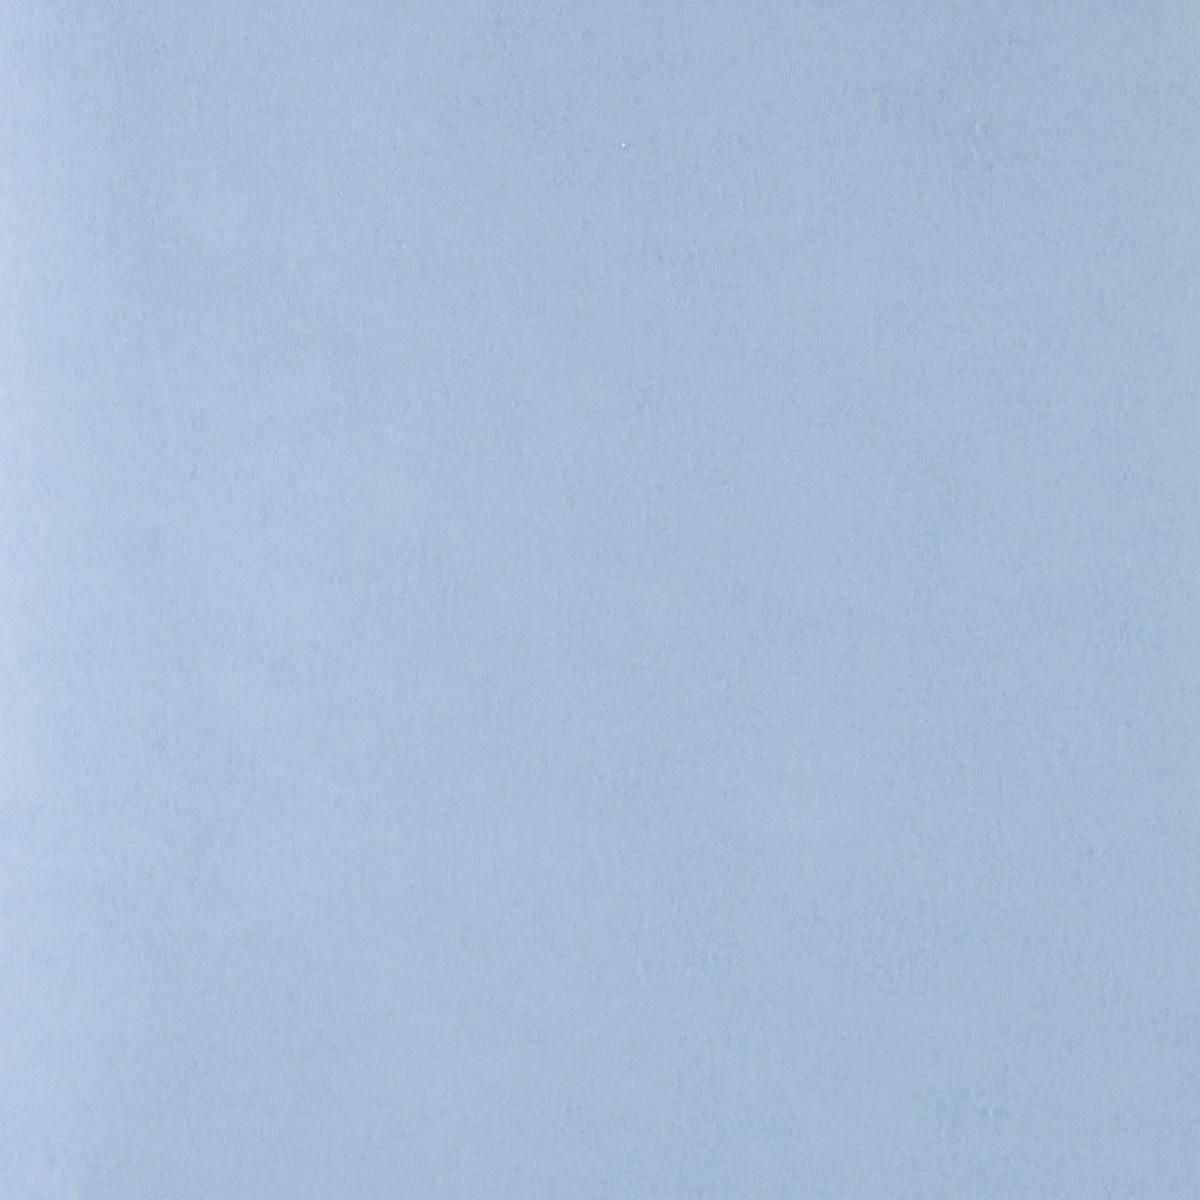 Обои флизелиновые 0.53х10 м цвет голубой АС 317933